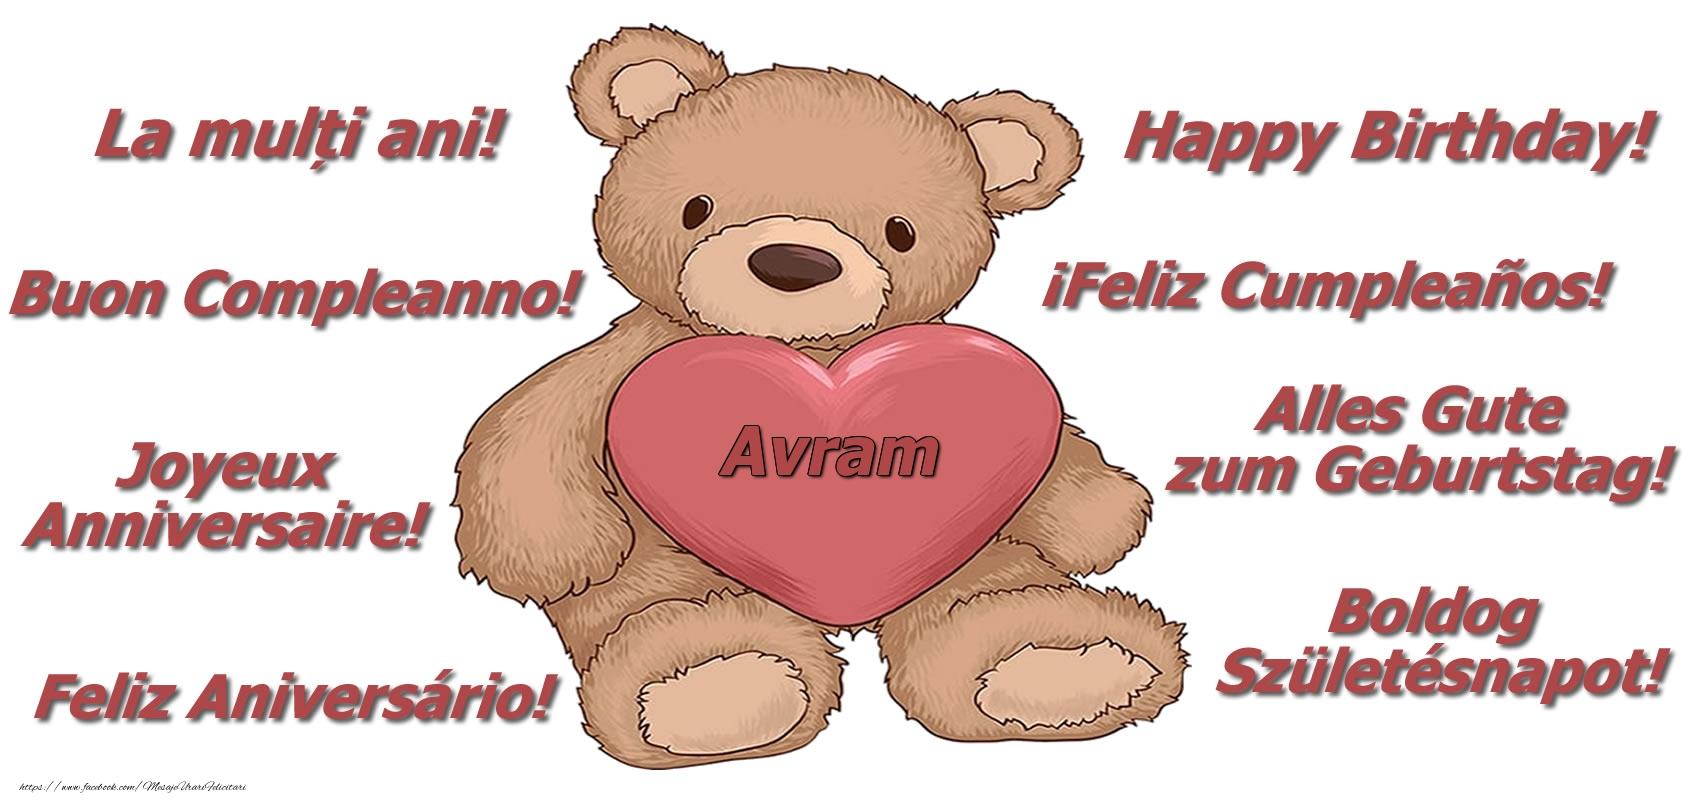 Felicitari de zi de nastere - La multi ani Avram! - Ursulet